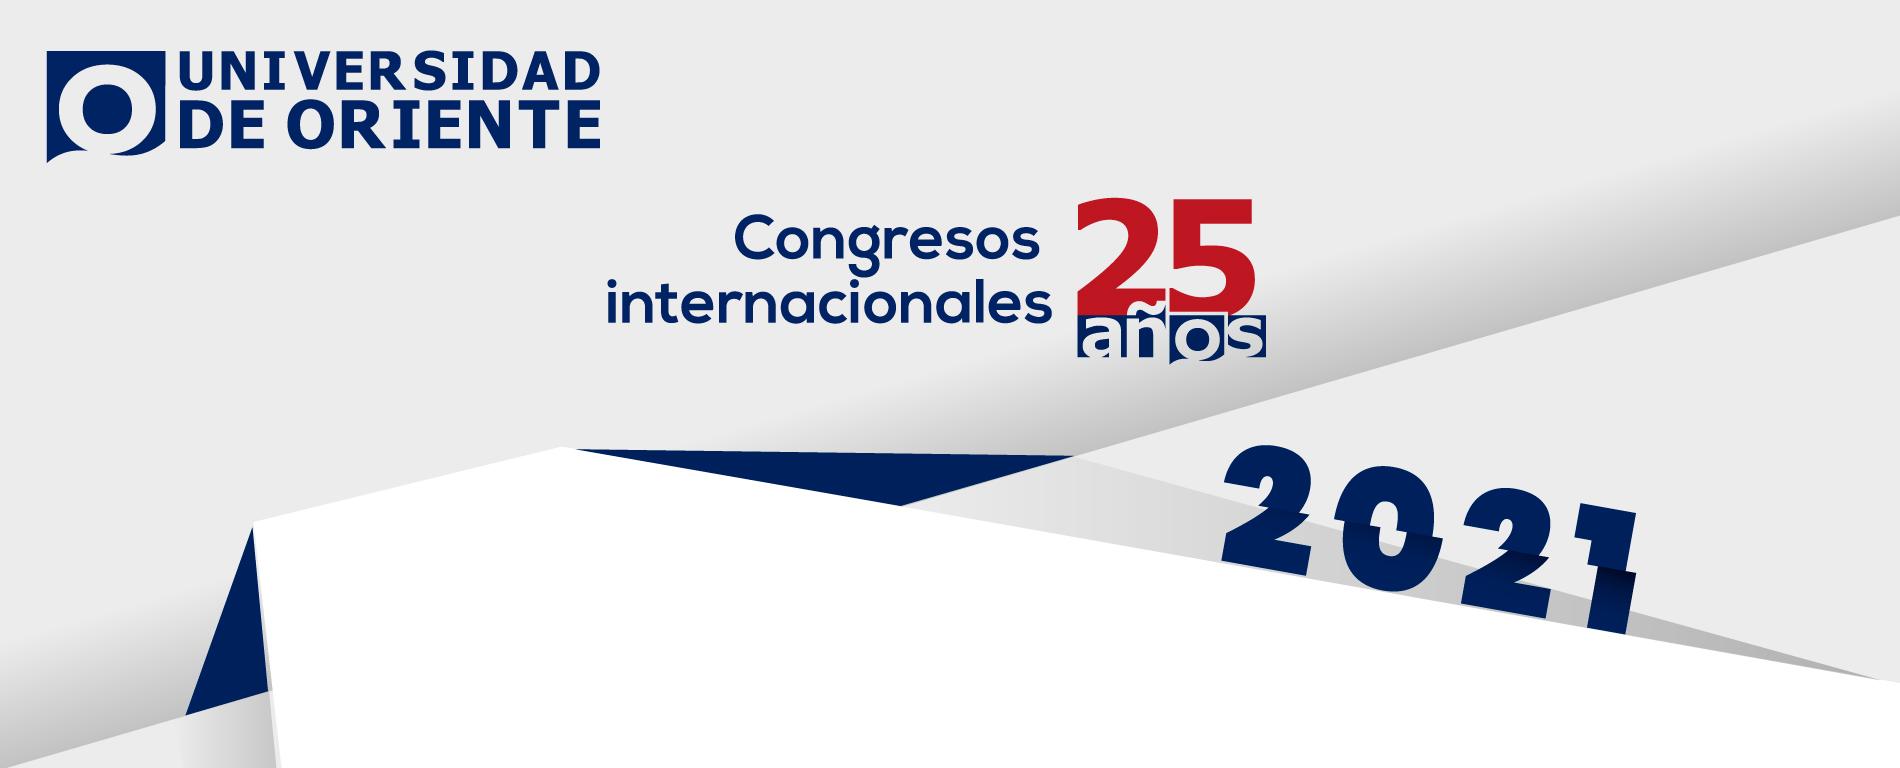 Congresos Internacionales UO